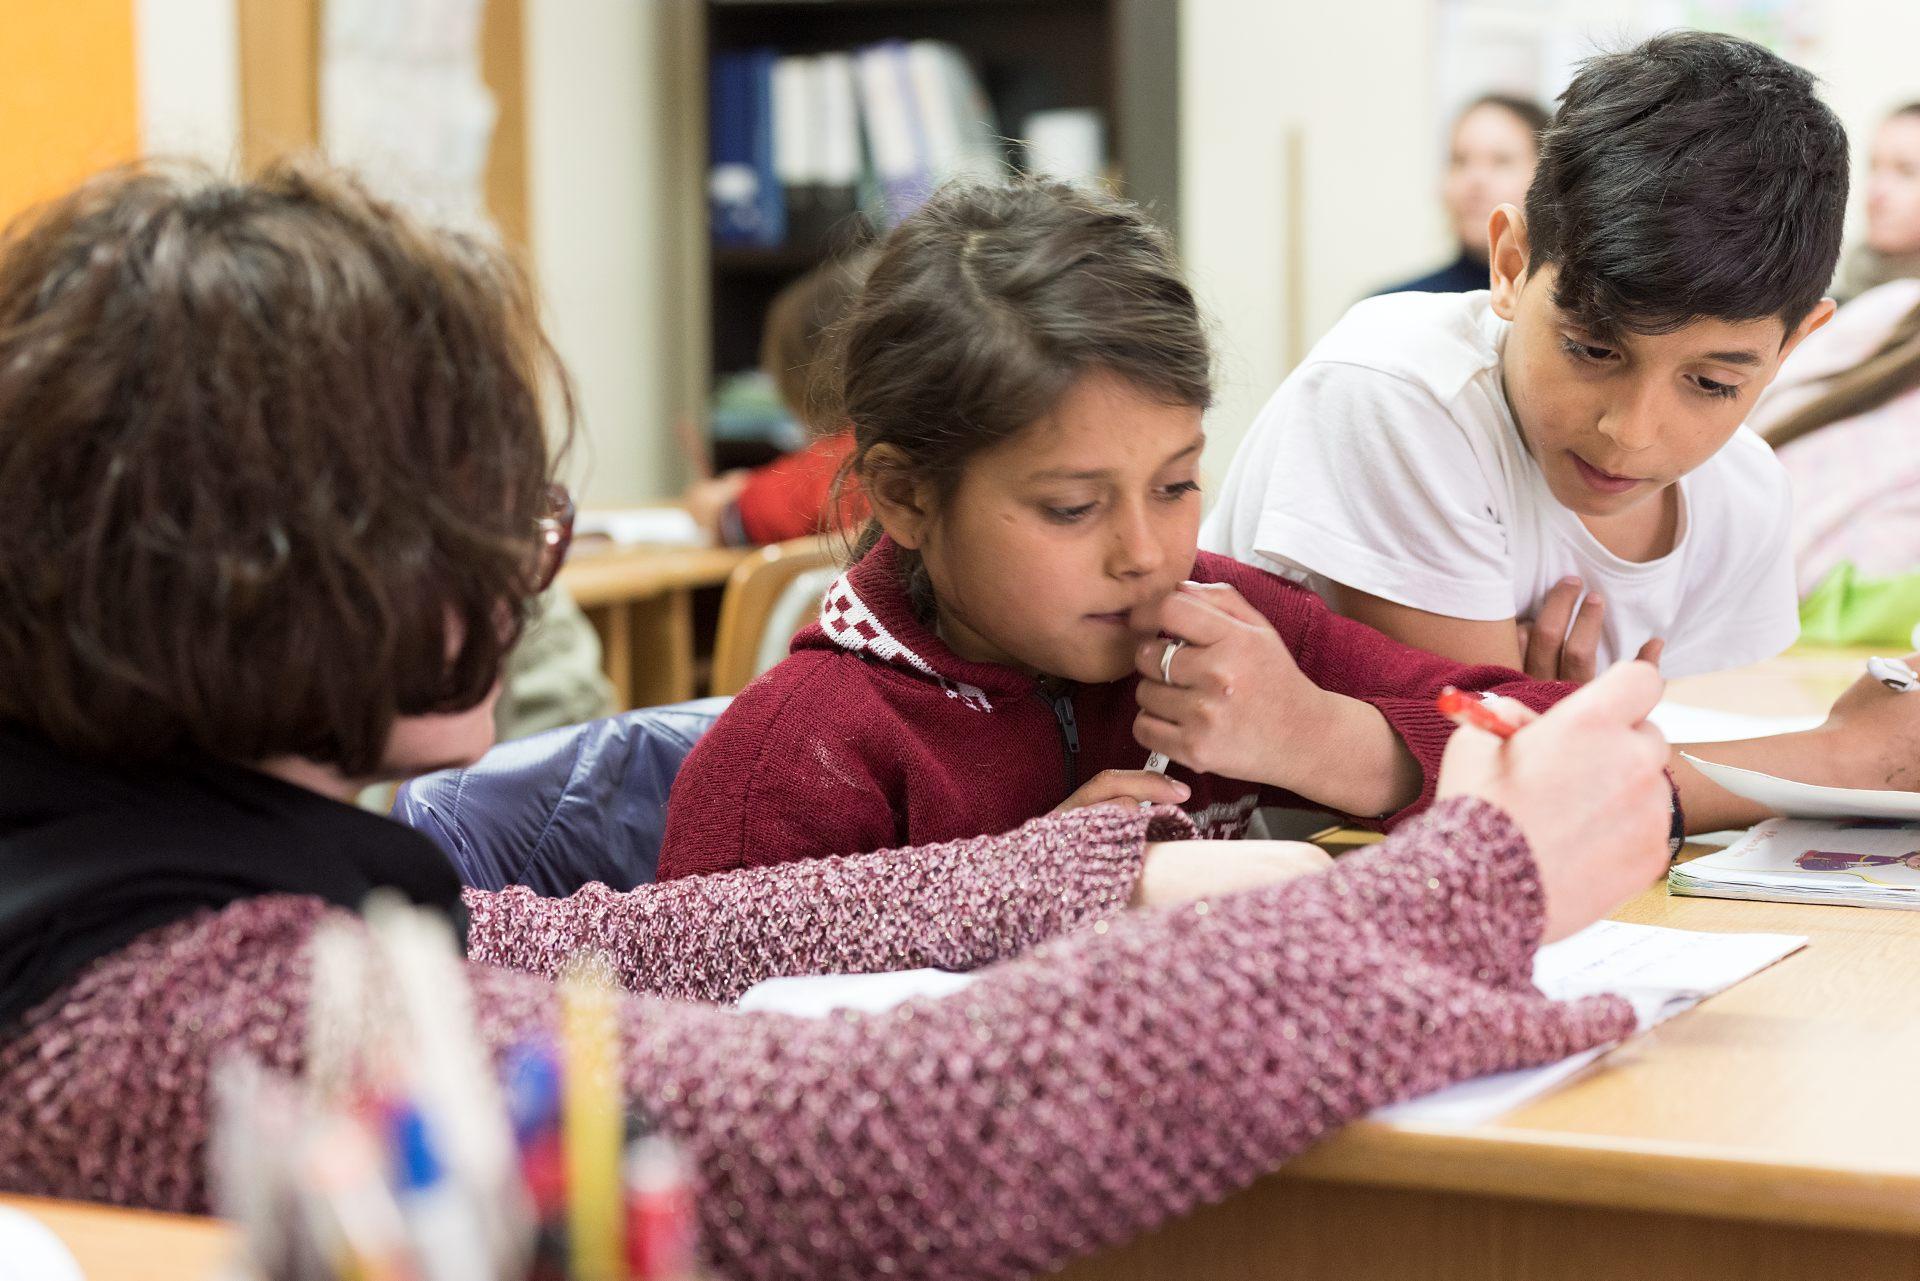 Gabriela är duktig i skolan. Mest tycker hon om att gunga men hon förstår att det är viktigt att lära sig läsa, skriva och räkna. Hon vill ju öppna en klädbutik eller bli lärare när hon blir stor. Foto: Gustaf Hellsing/IKON